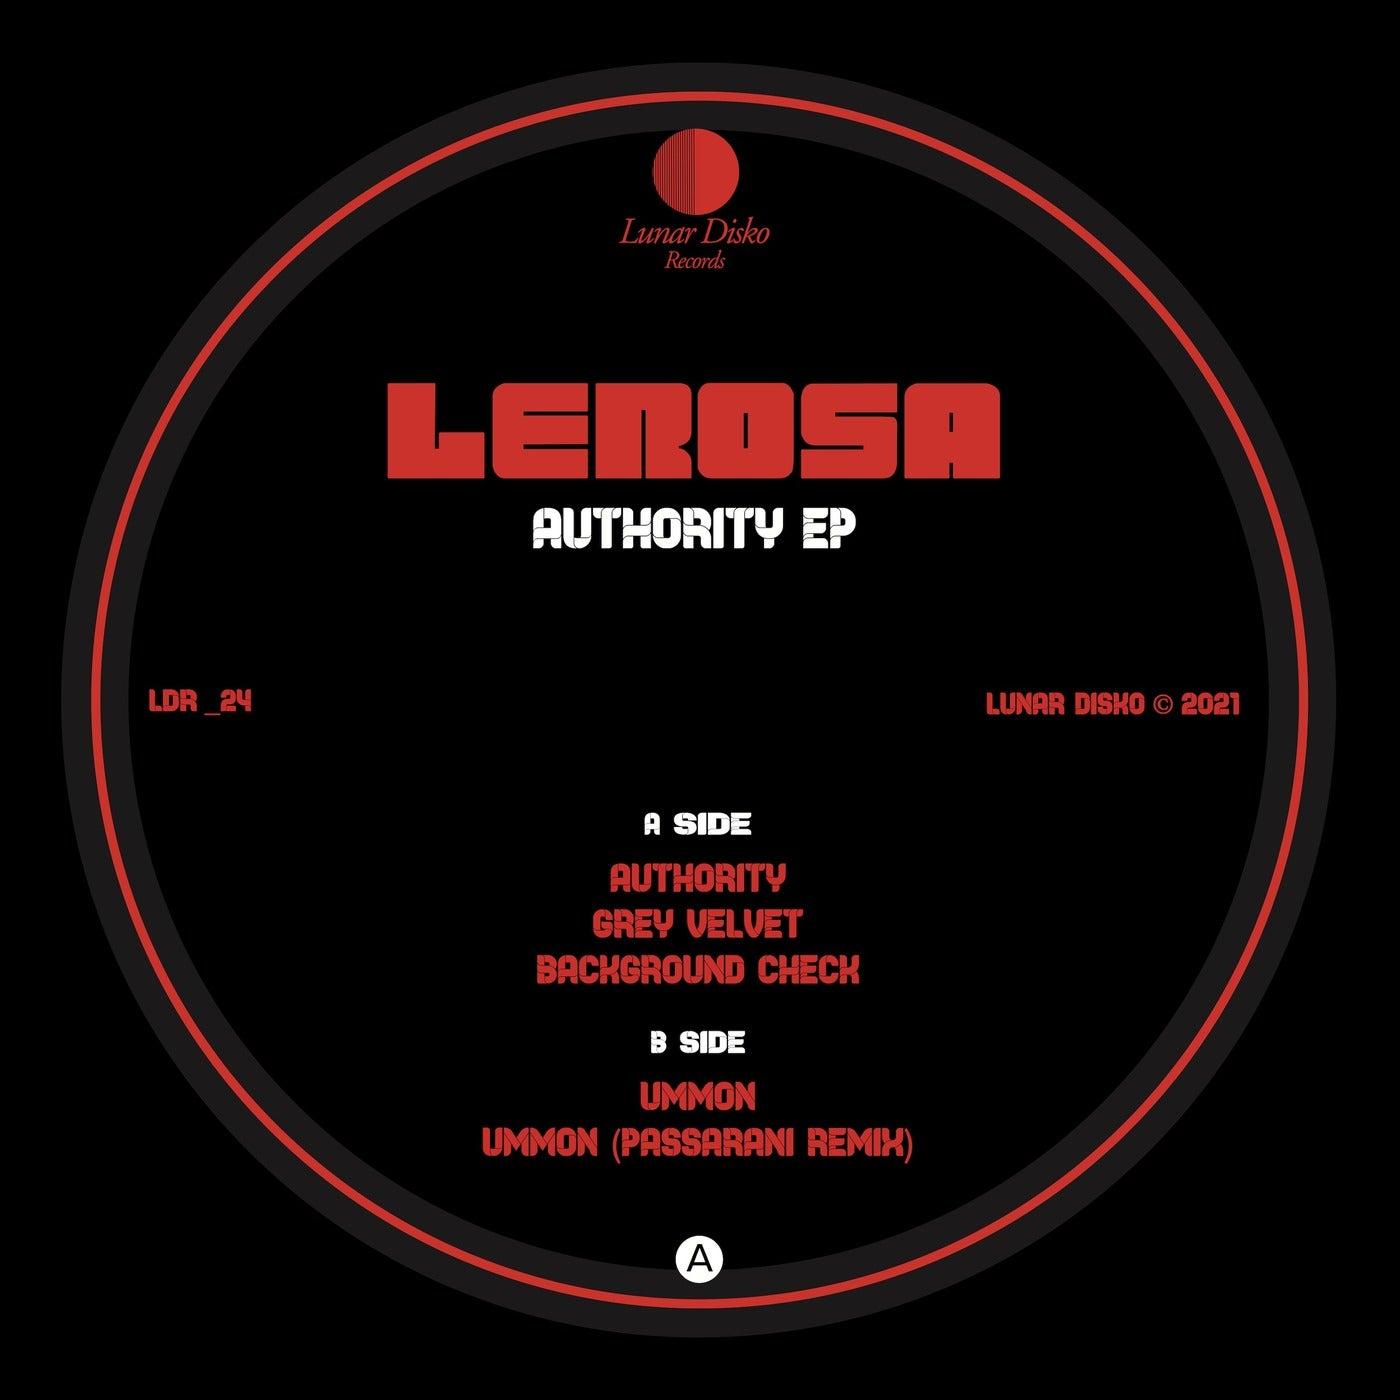 Ummon (Passarani Remix)